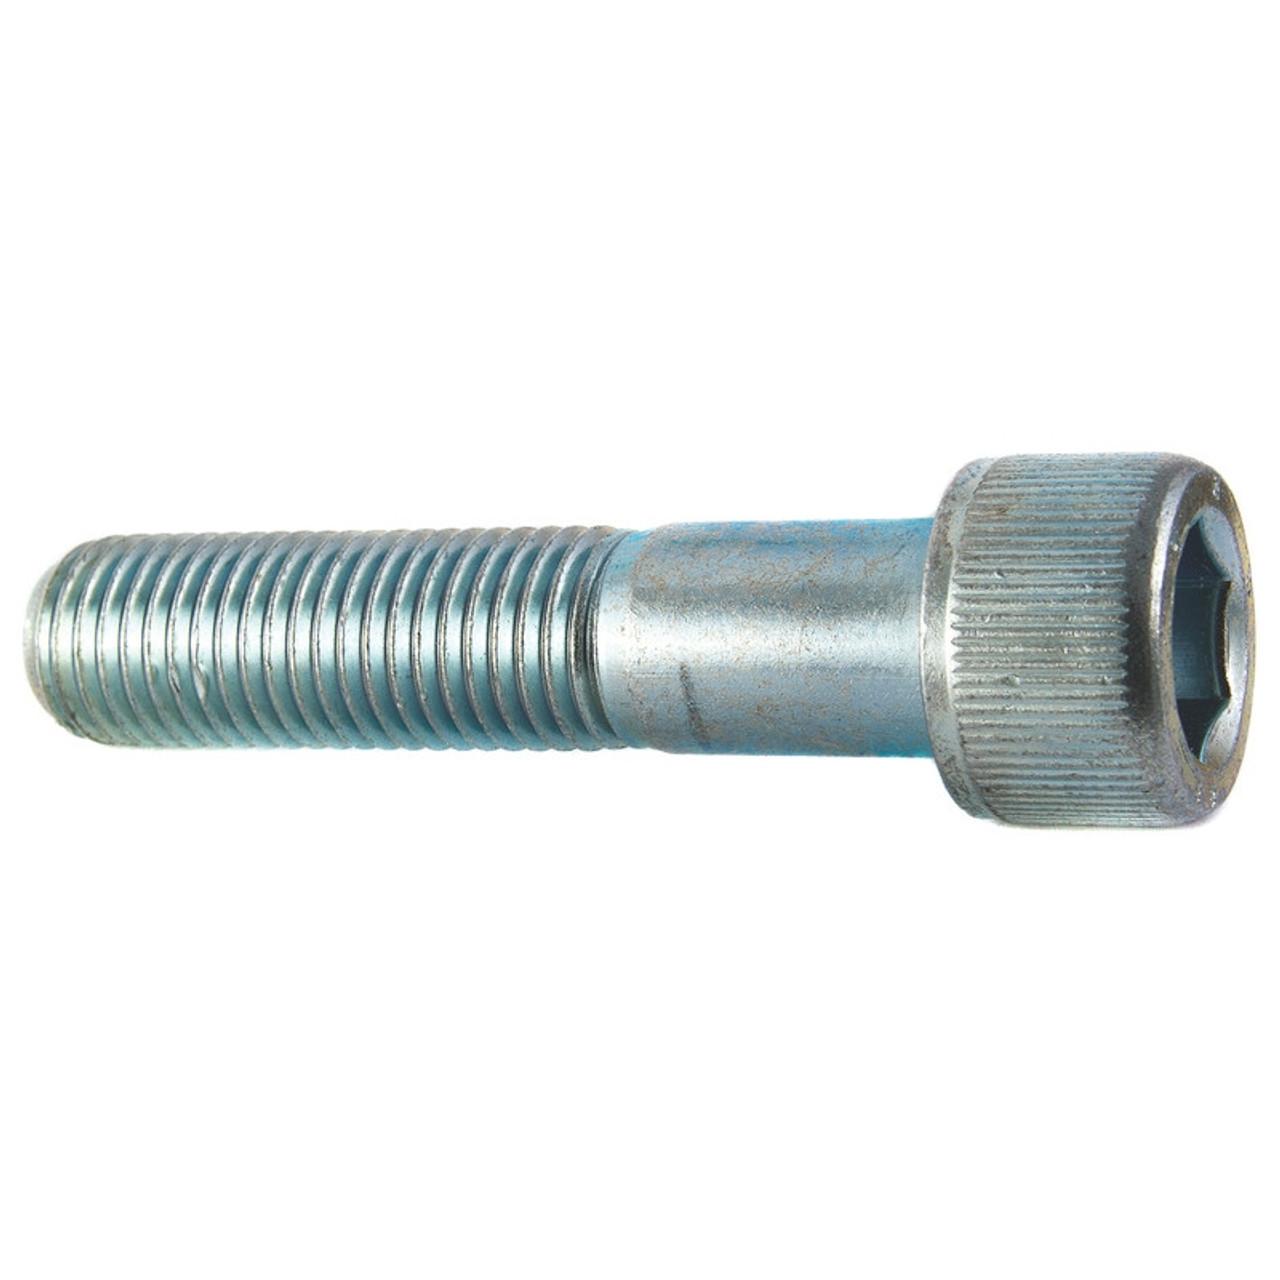 Socket Cap Class 12.9 Zinc : M6 (1.00mm) x 60mm